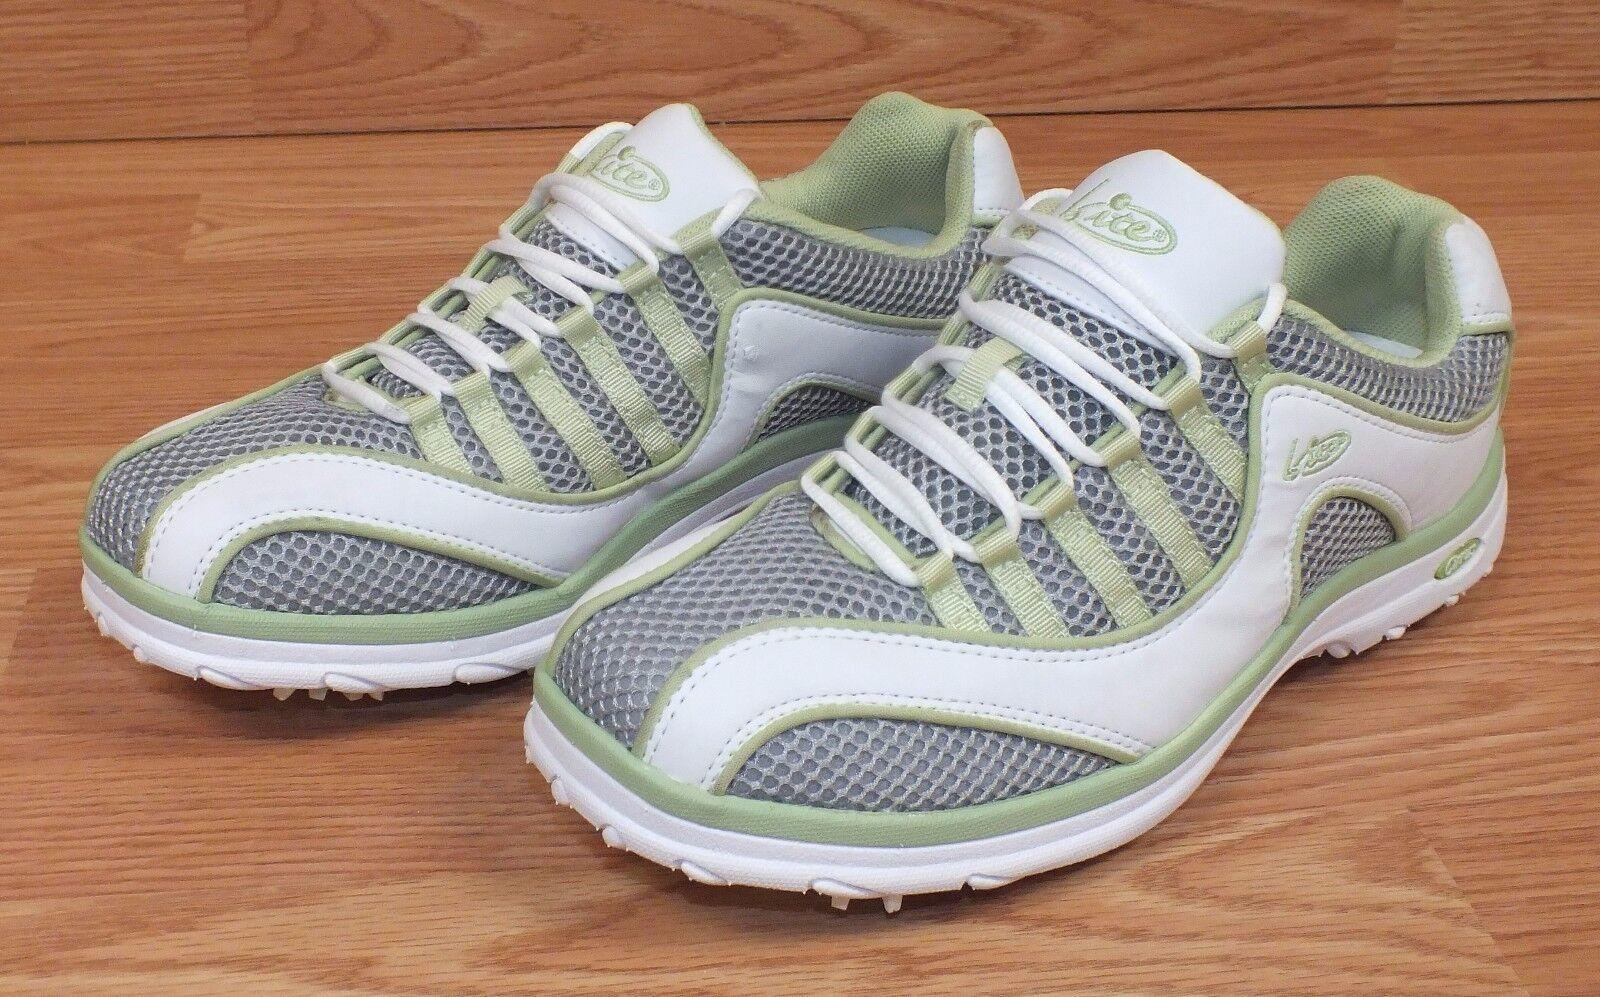 Bite Cirrus Series Damenschuhe Größe Golfing 8 Grün & Weiß Golfing Größe Schuhes With Grip On Bottom 1bbcf0